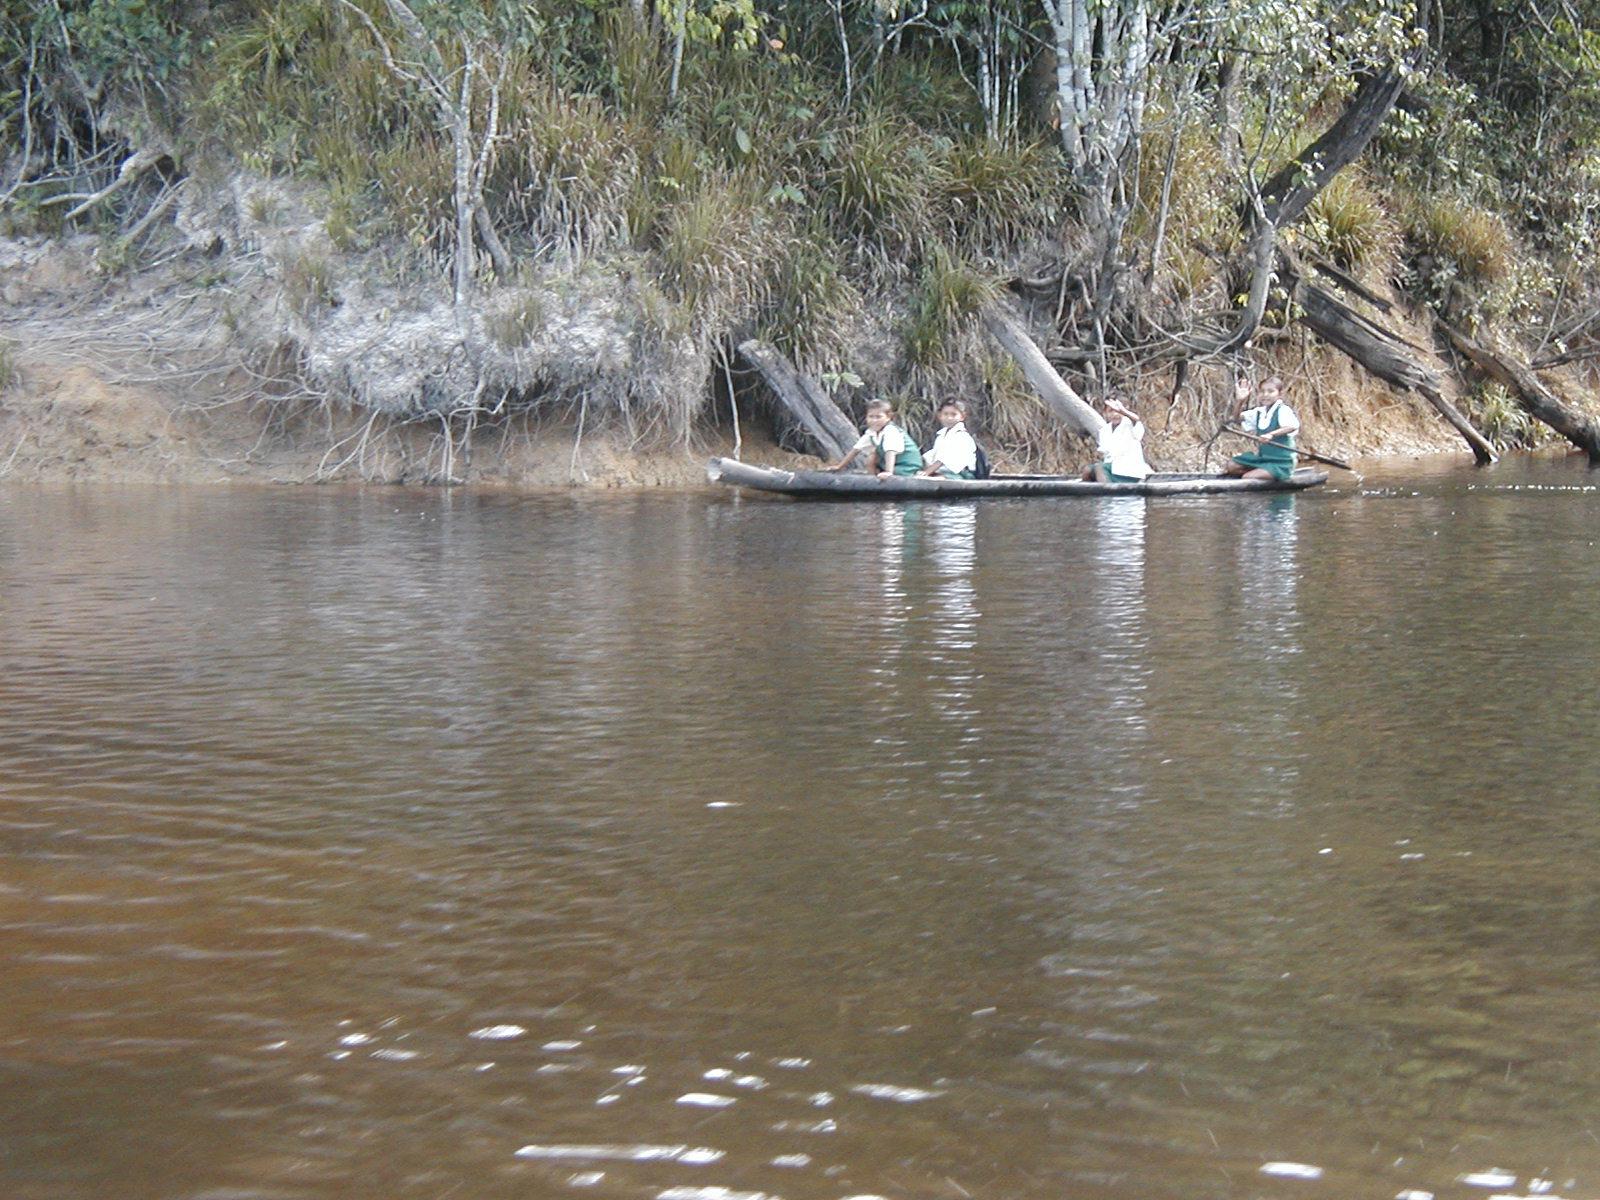 Jawalla schoolchildren on their way to school in a woodskin canoe